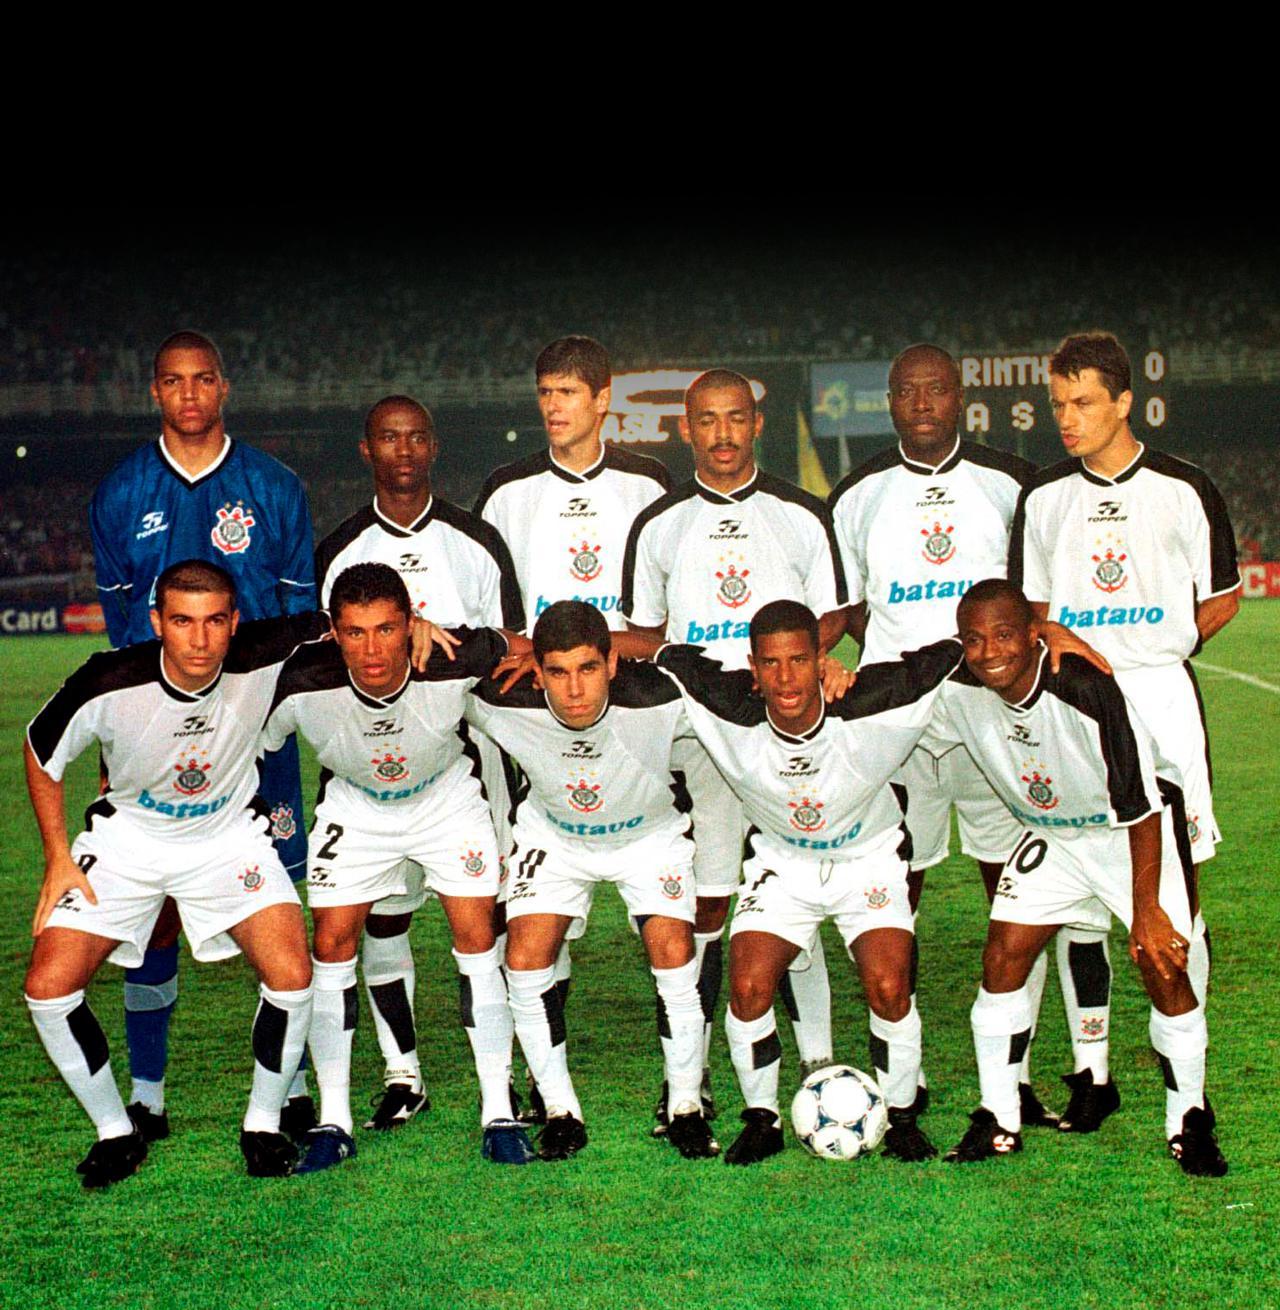 O Corinthians campeão do mundo em 2000 - Otávio Magalhães/Estadão Conteúdo